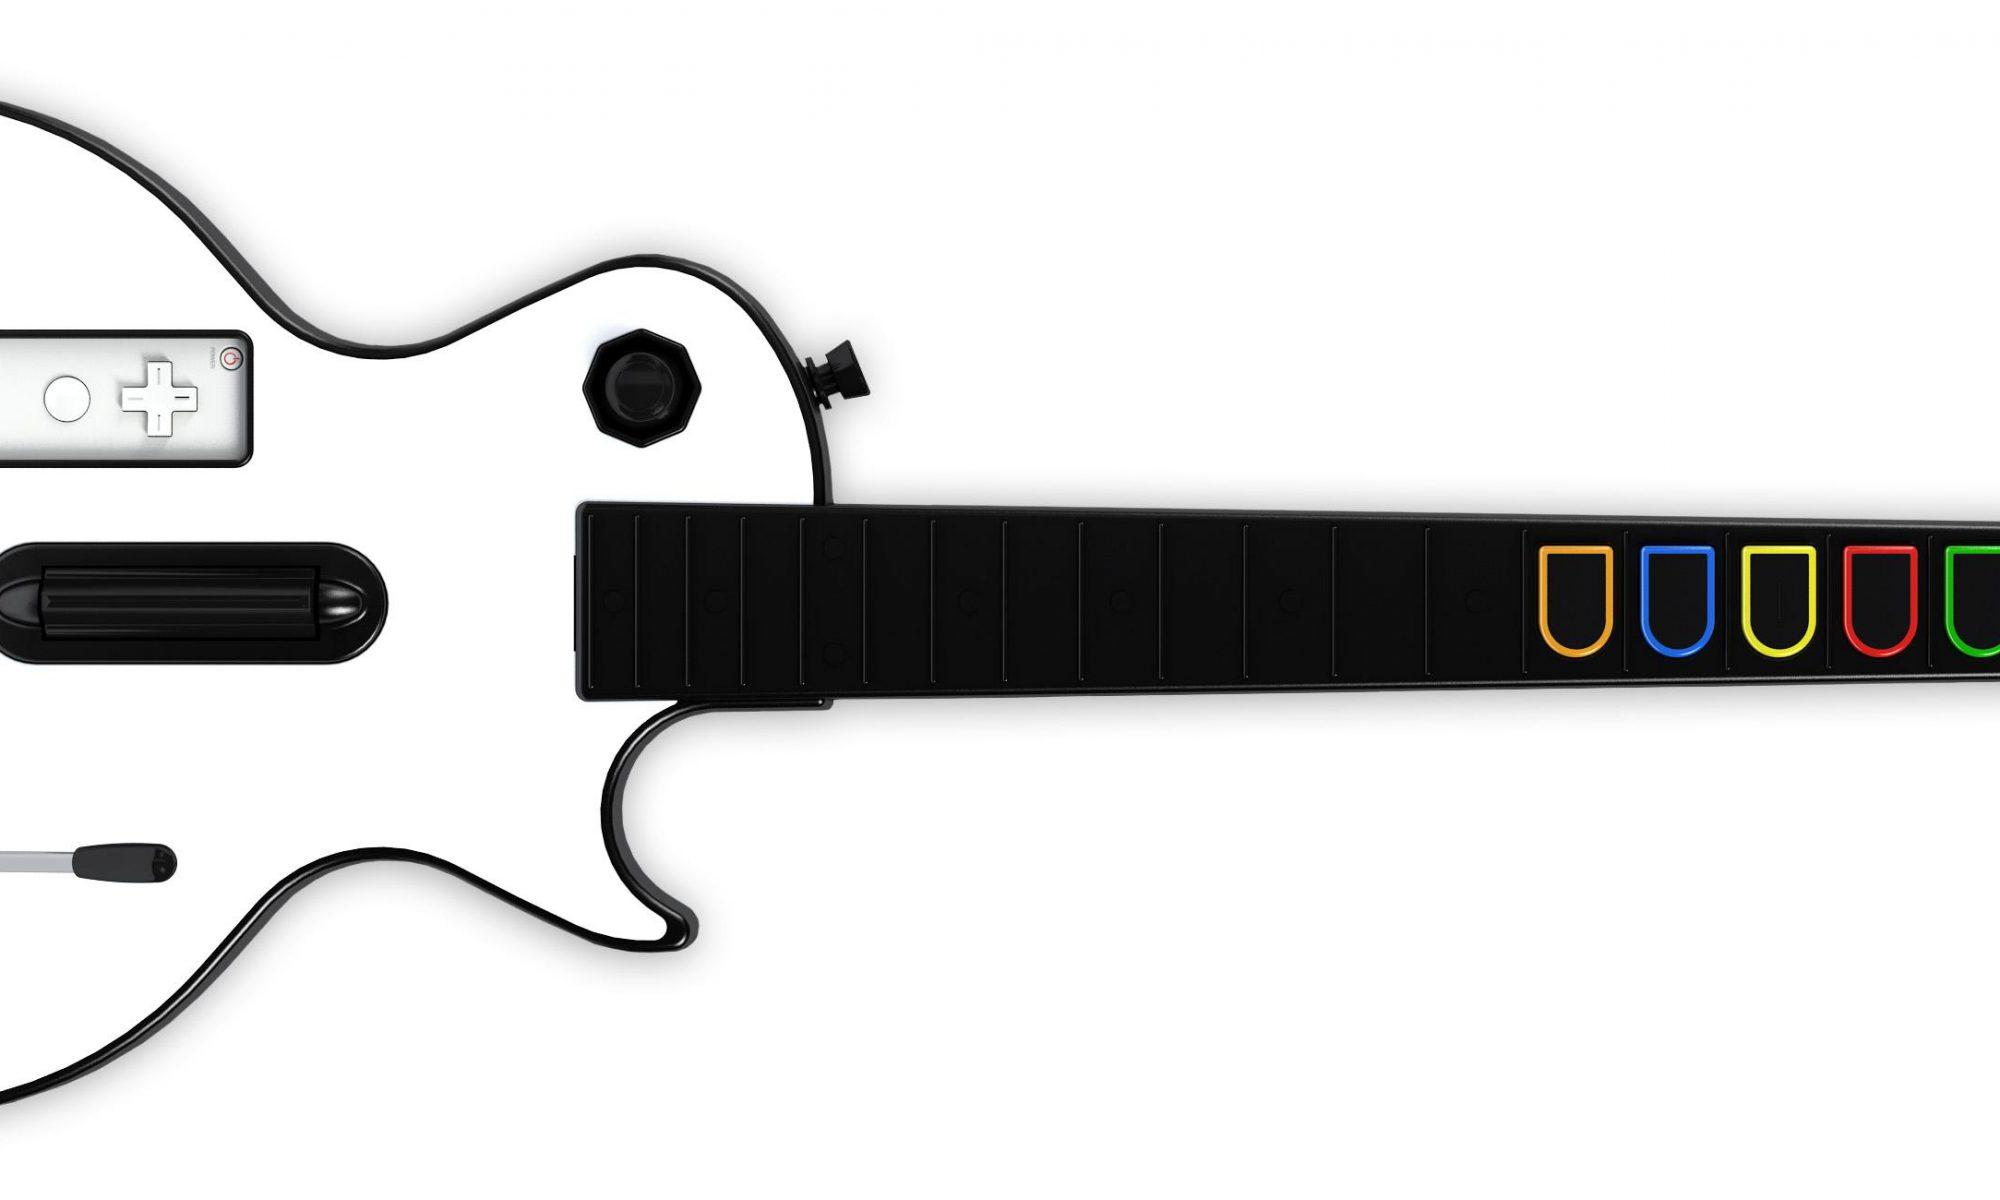 guitar two pickup wiring diagram guitar hero guitar wiring diagram #5